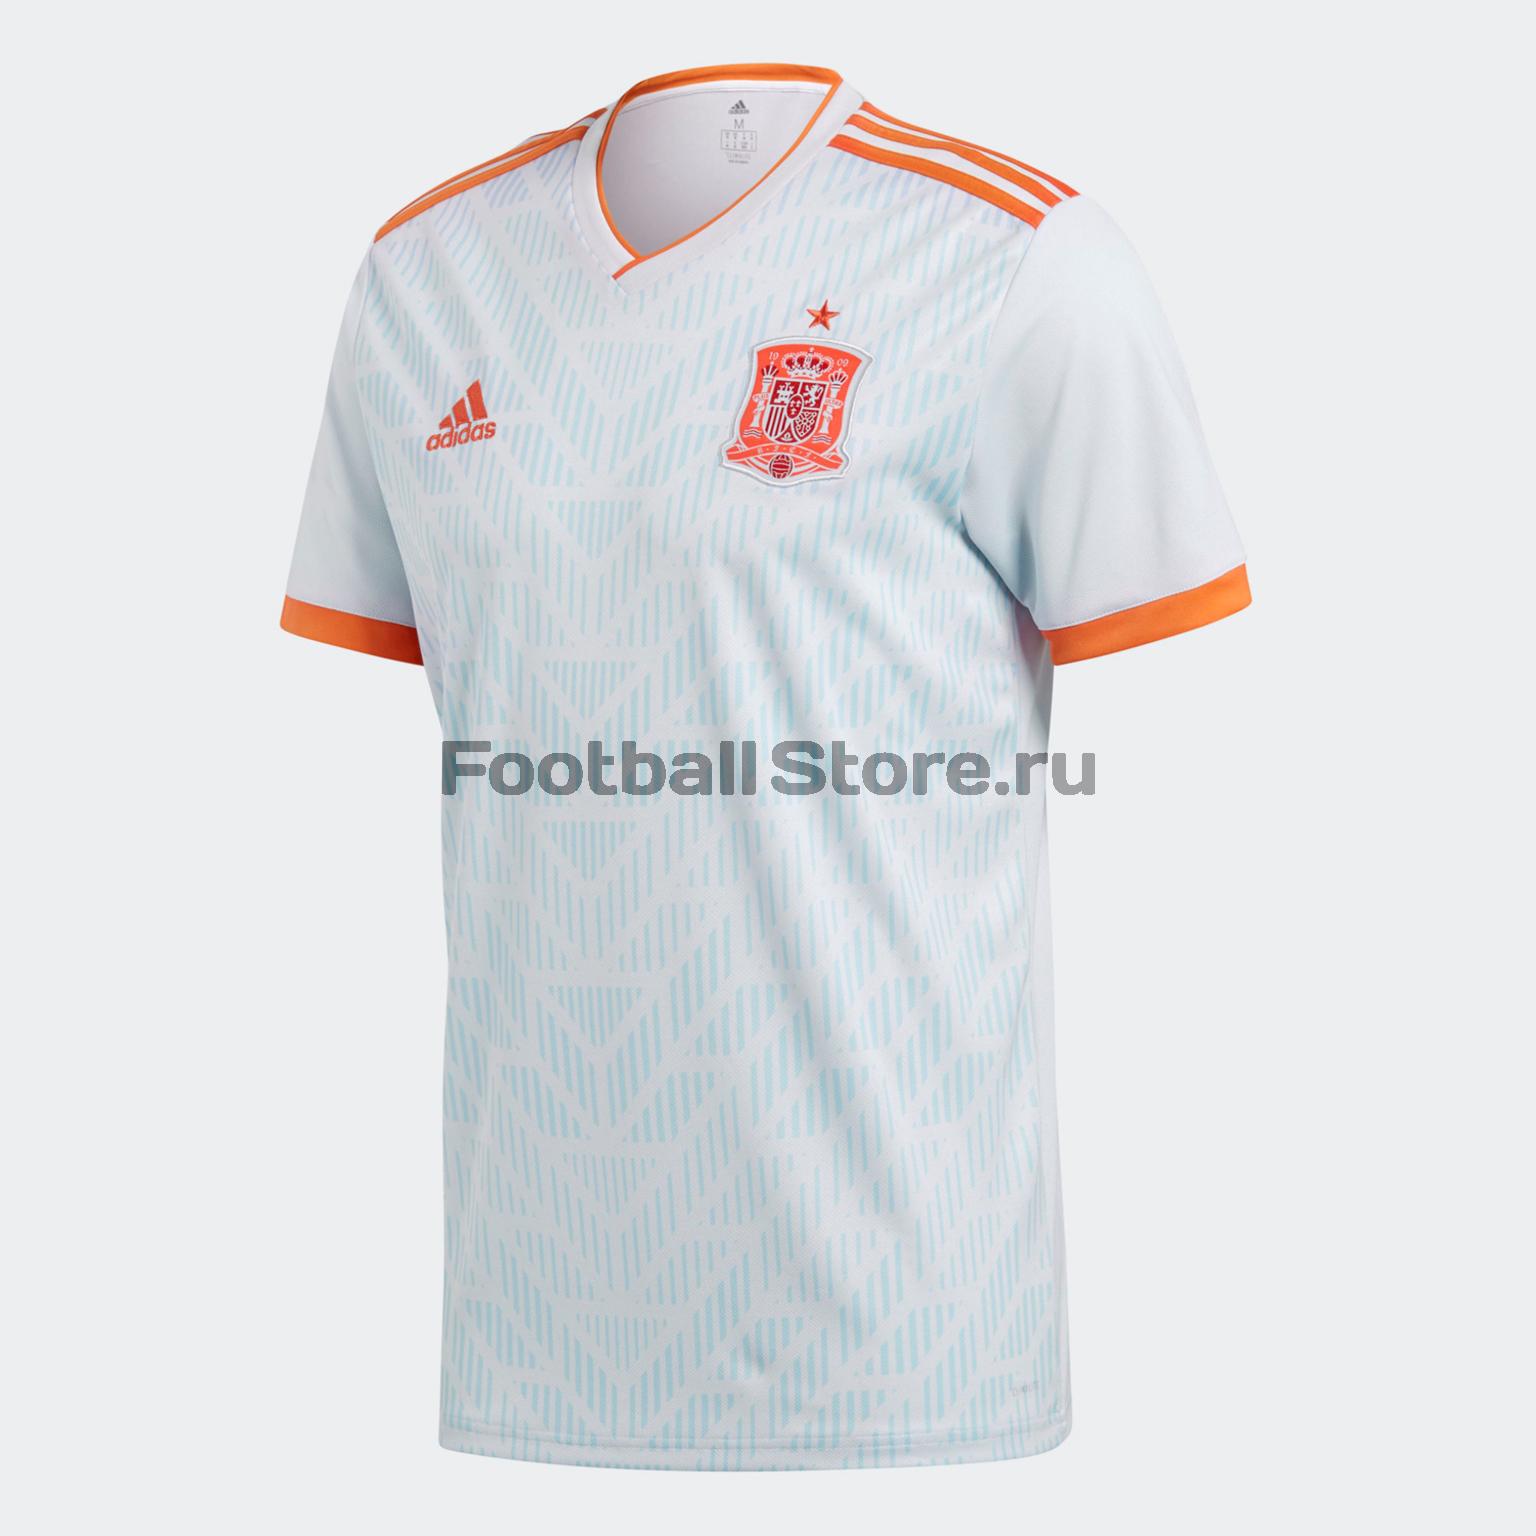 Гостевая футболка Adidas сборной Испании BR2697